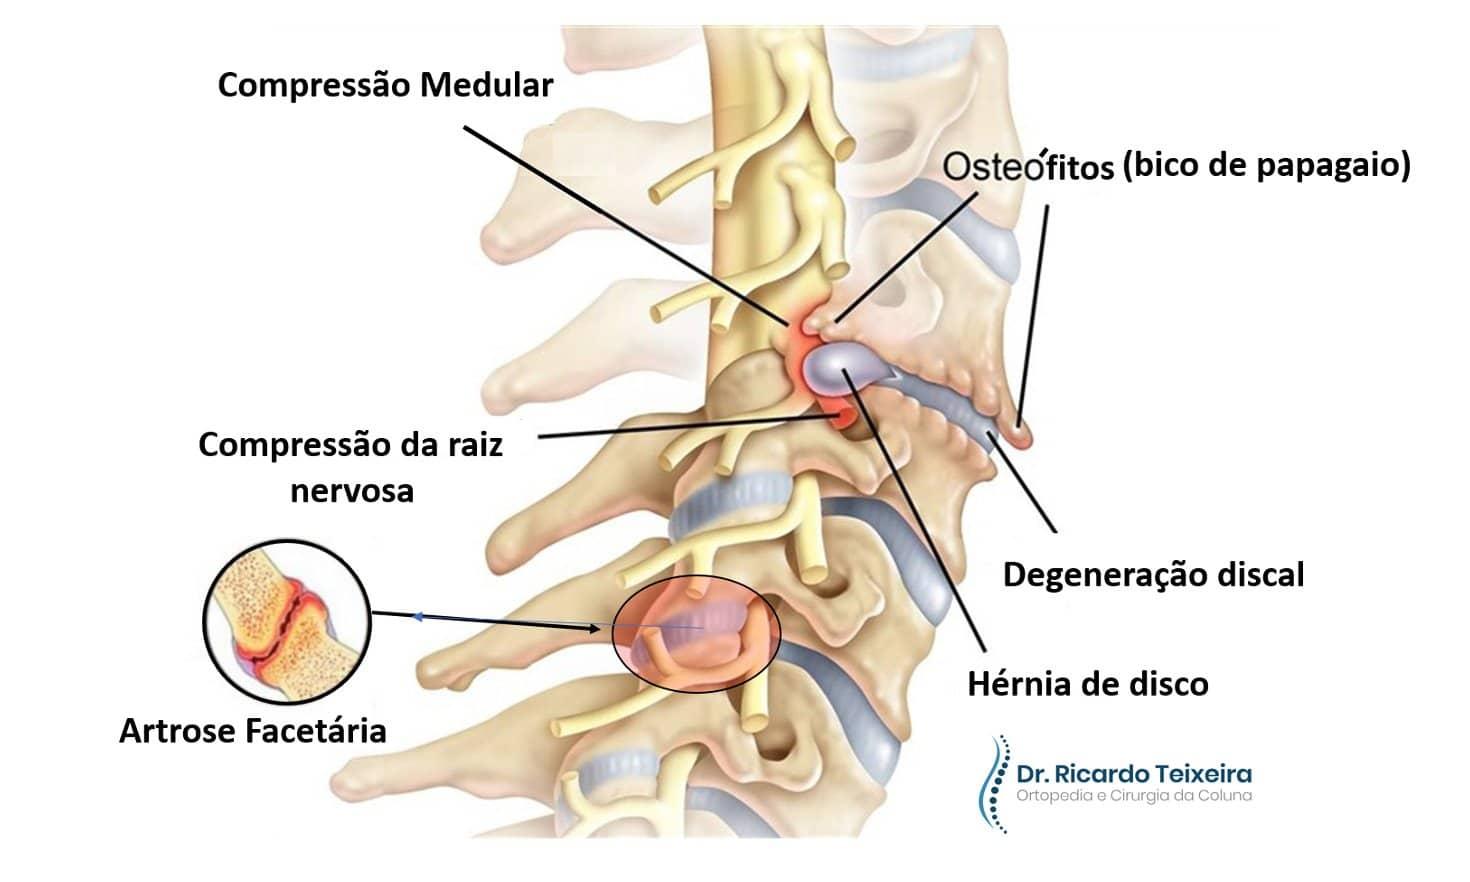 Espondilose Cervical   Dr. Ricardo Teixeira